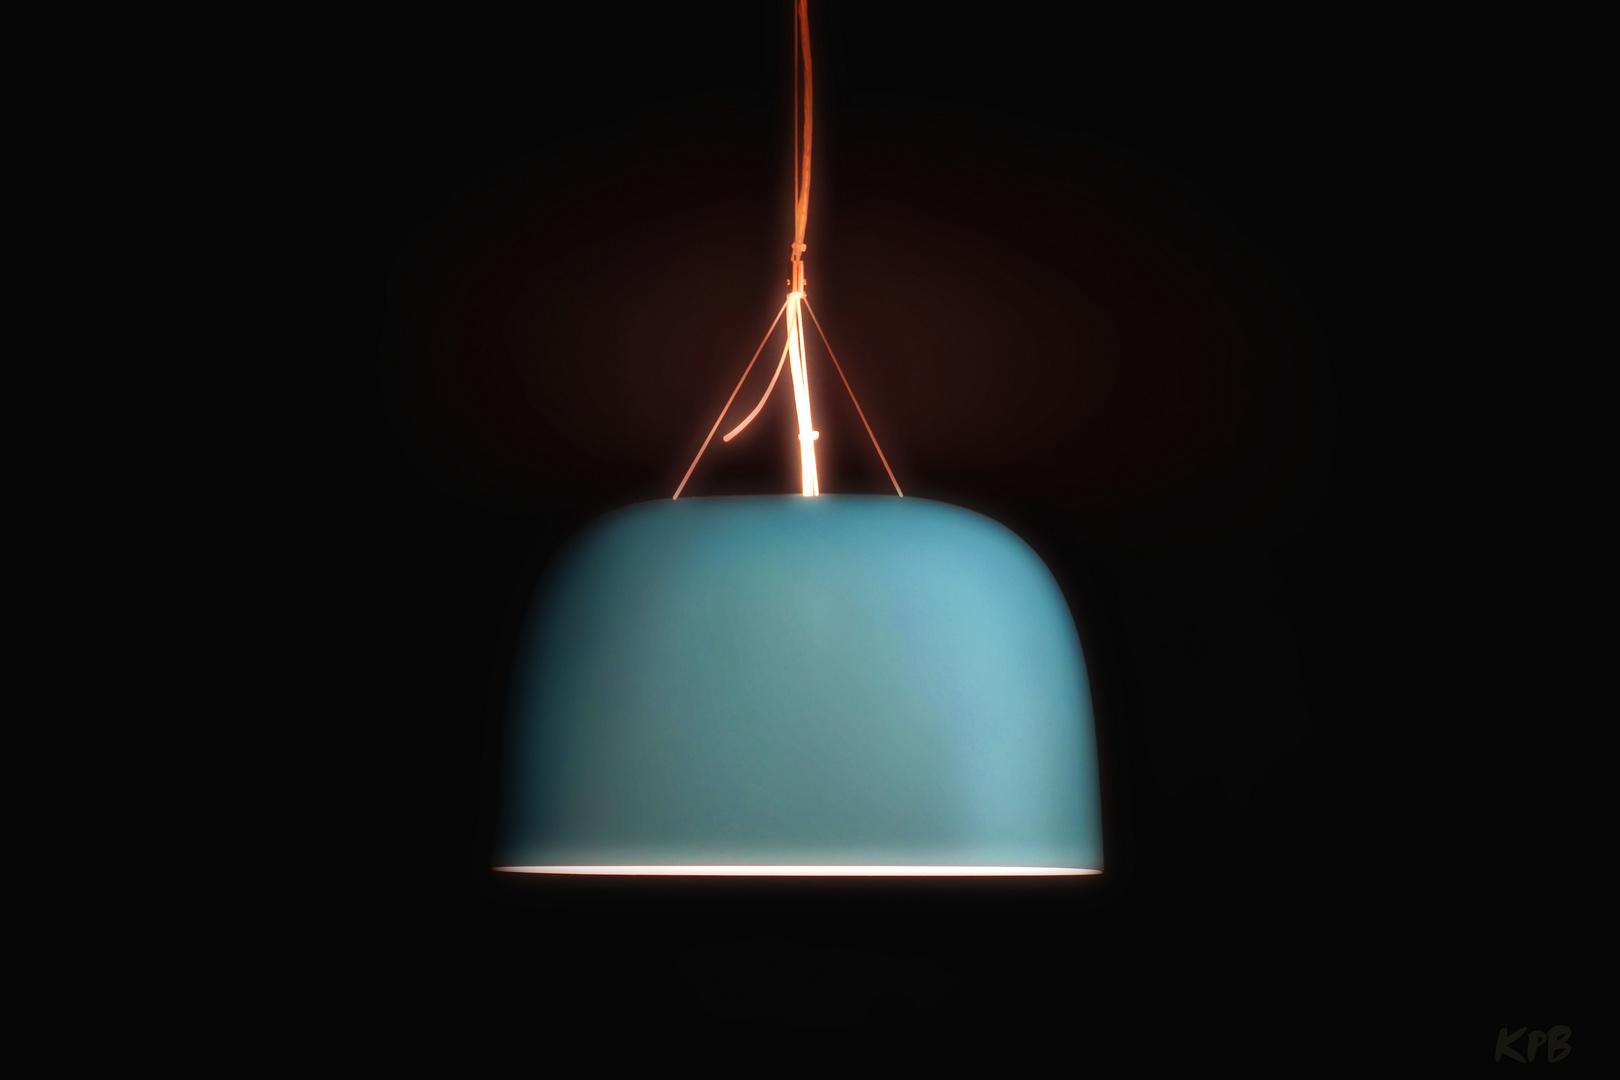 Dot Light Lampen : Lampe foto & bild lampen und leuchten alltagsdesign red dot